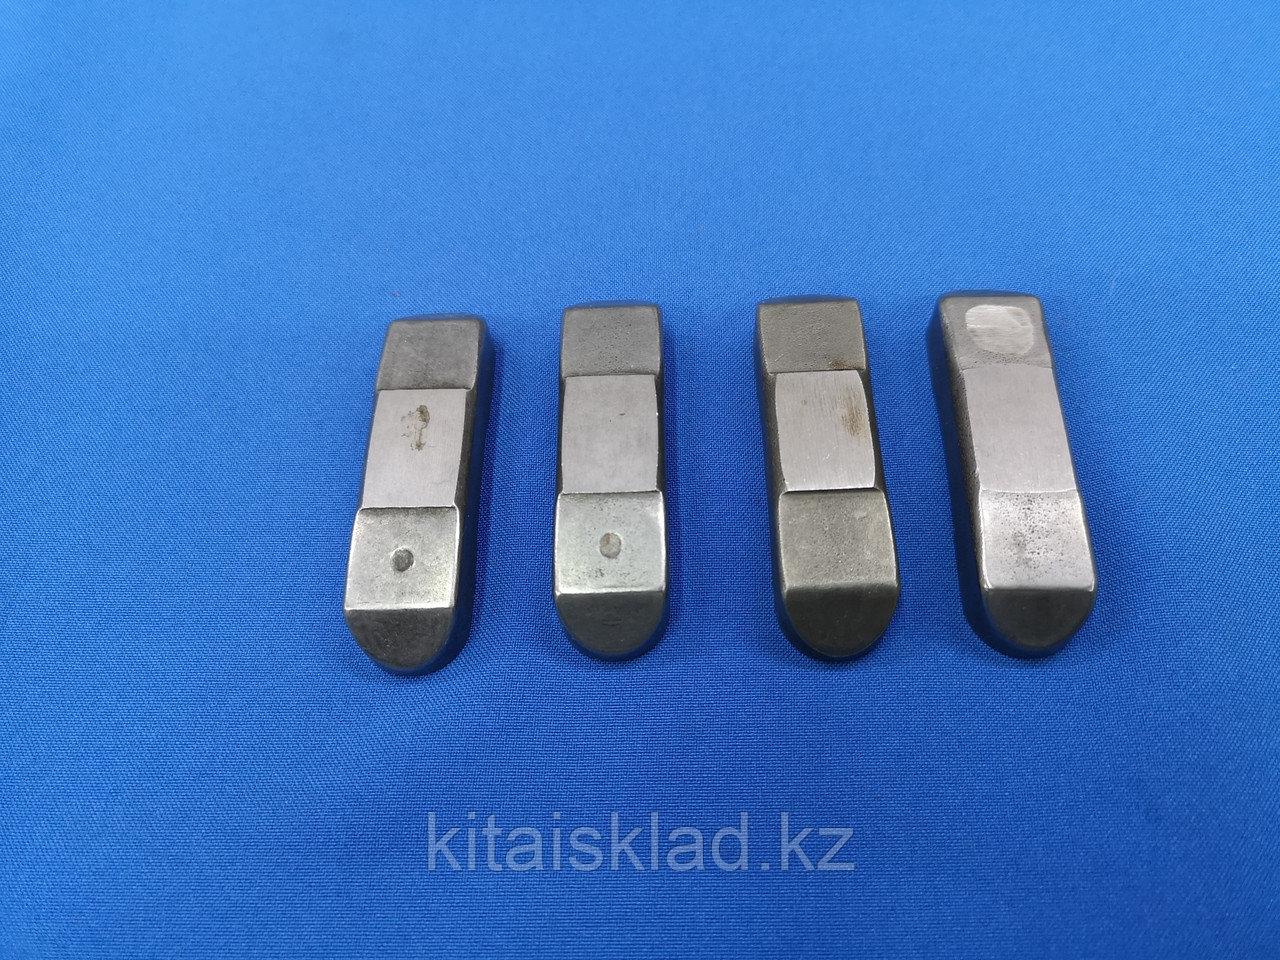 Перемычка клапана (крейцкопф) NT855 4061141 Shantui SD32